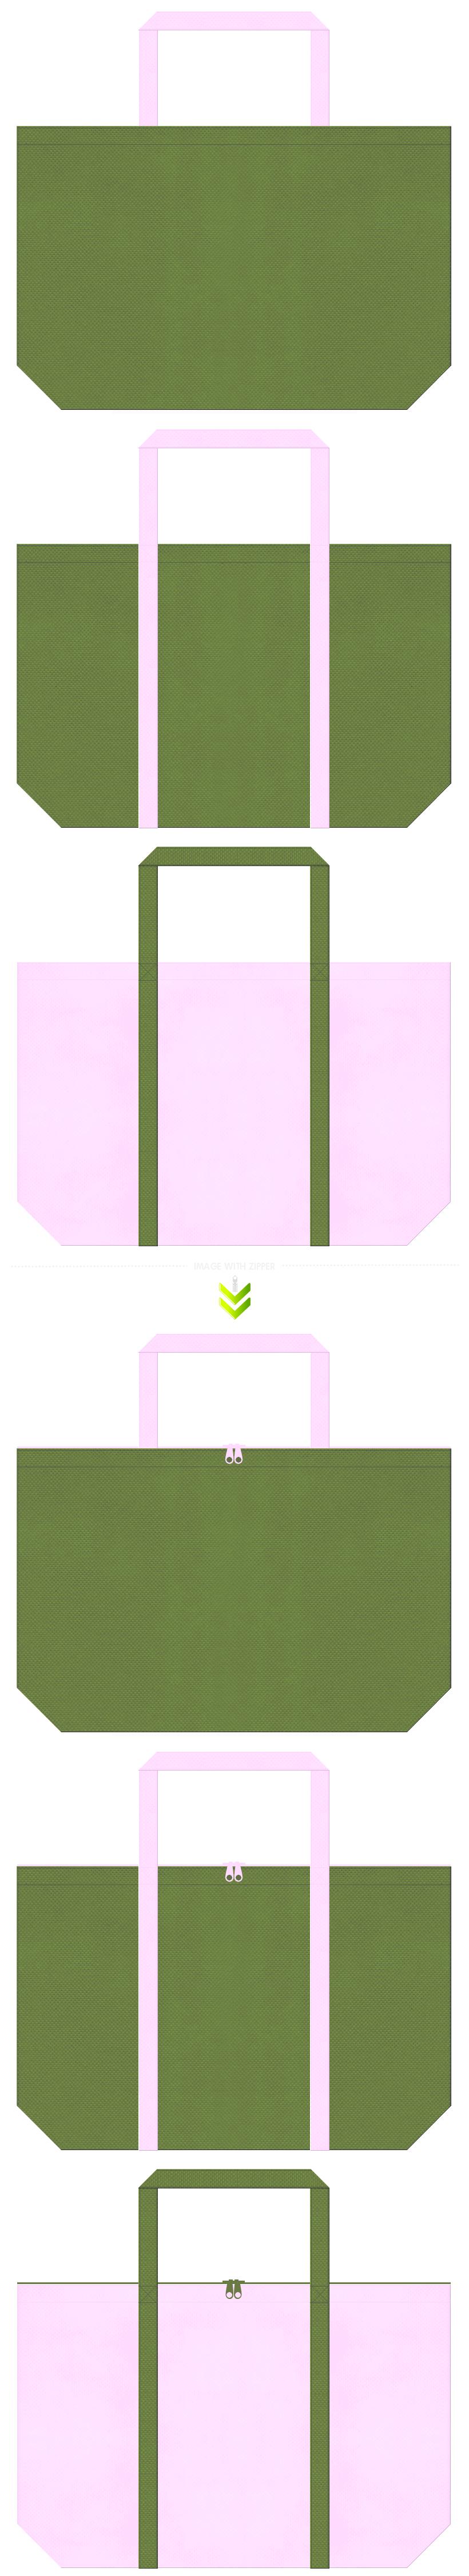 草色と明るいピンク色の不織布バッグデザイン。紫陽花風の配色で、和雑貨のショッピングバッグや着物クリーニングのバッグにお奨めです。